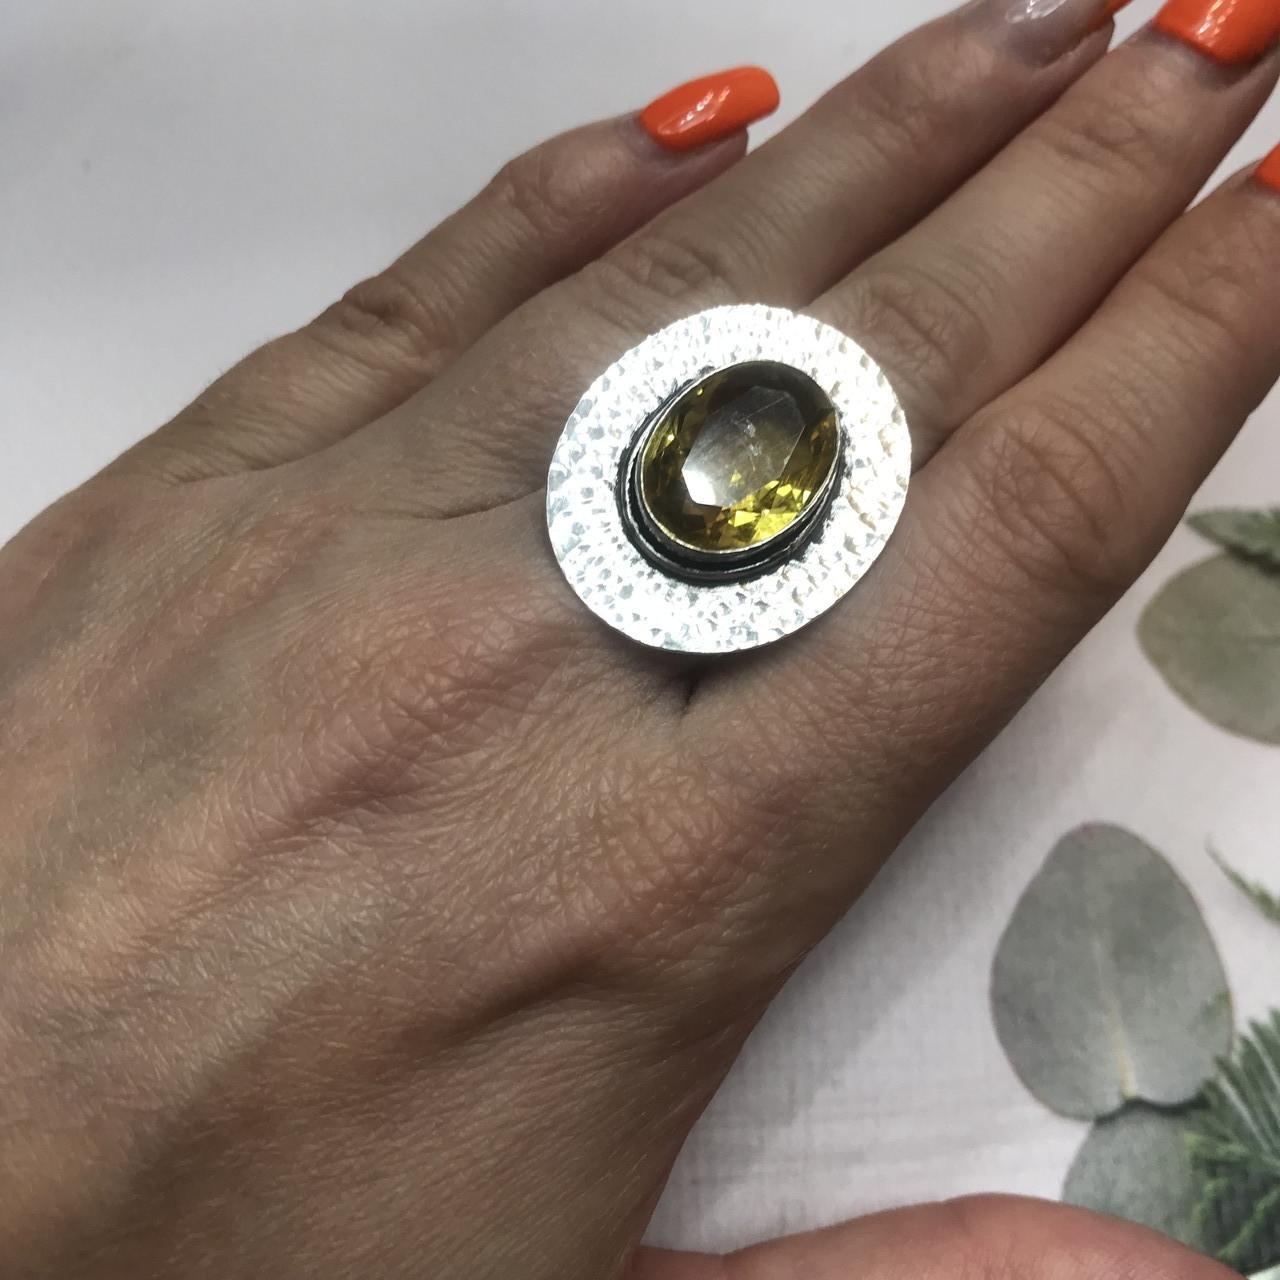 Цитрин 17,7 размер кольцо с цитрином кольцо с камнем цитрин желтый в серебре Индия